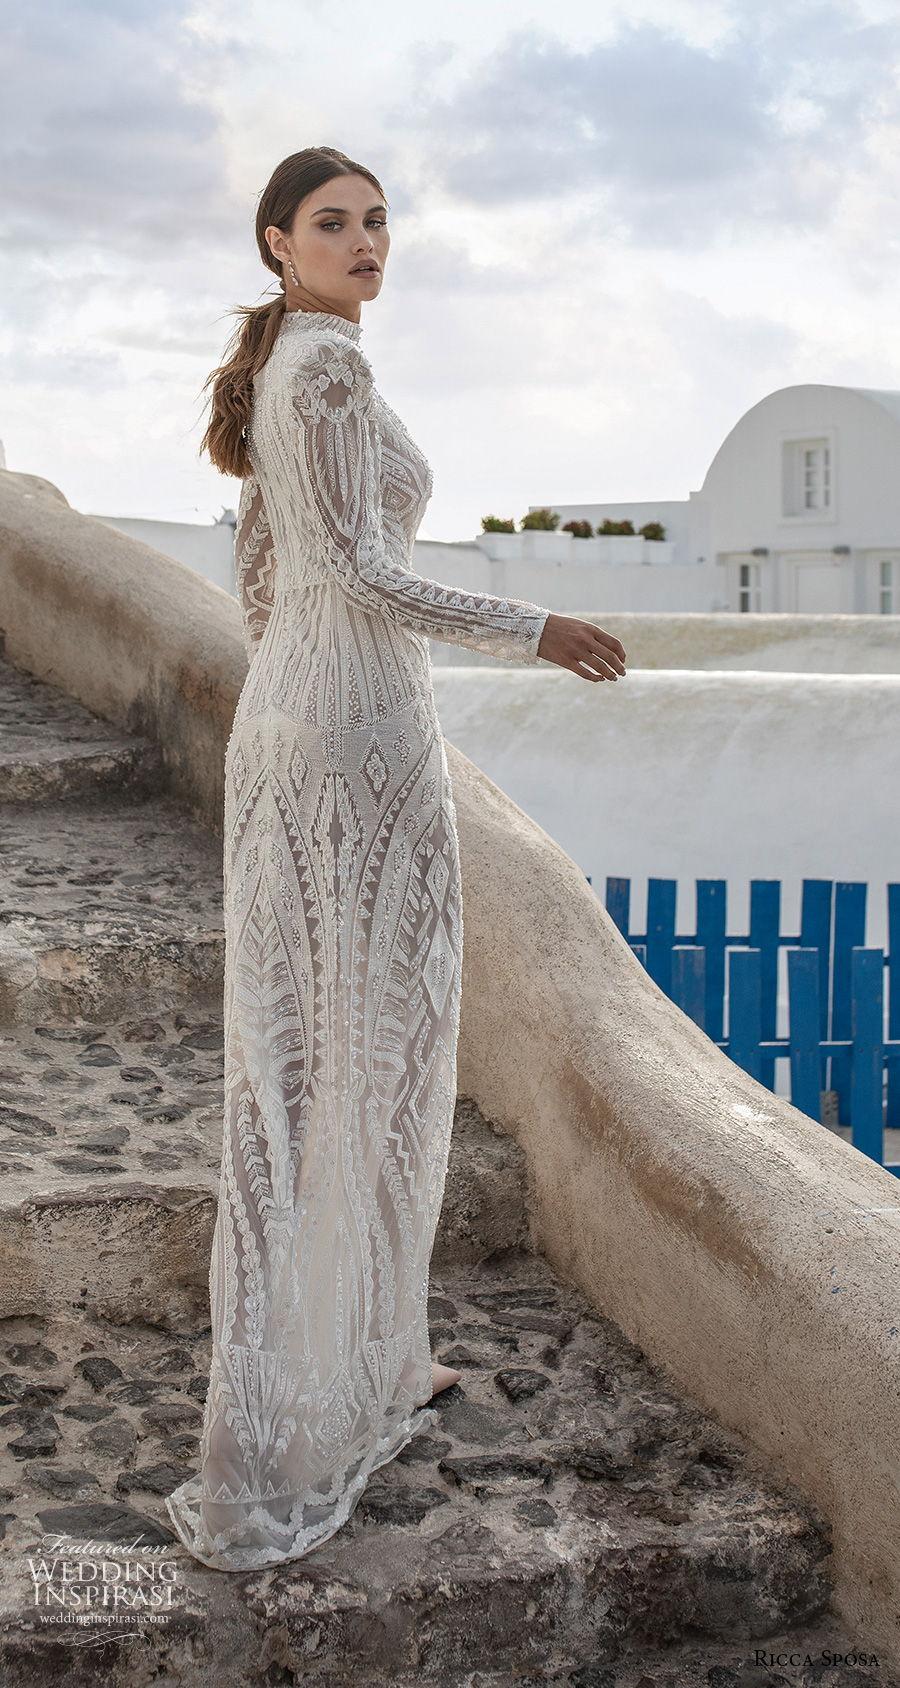 ricca sposa 2021 bridal long sleeves high neck full embellishment slit skirt elegant glamorous sheath wedding dress covered back sweep train (13) bv